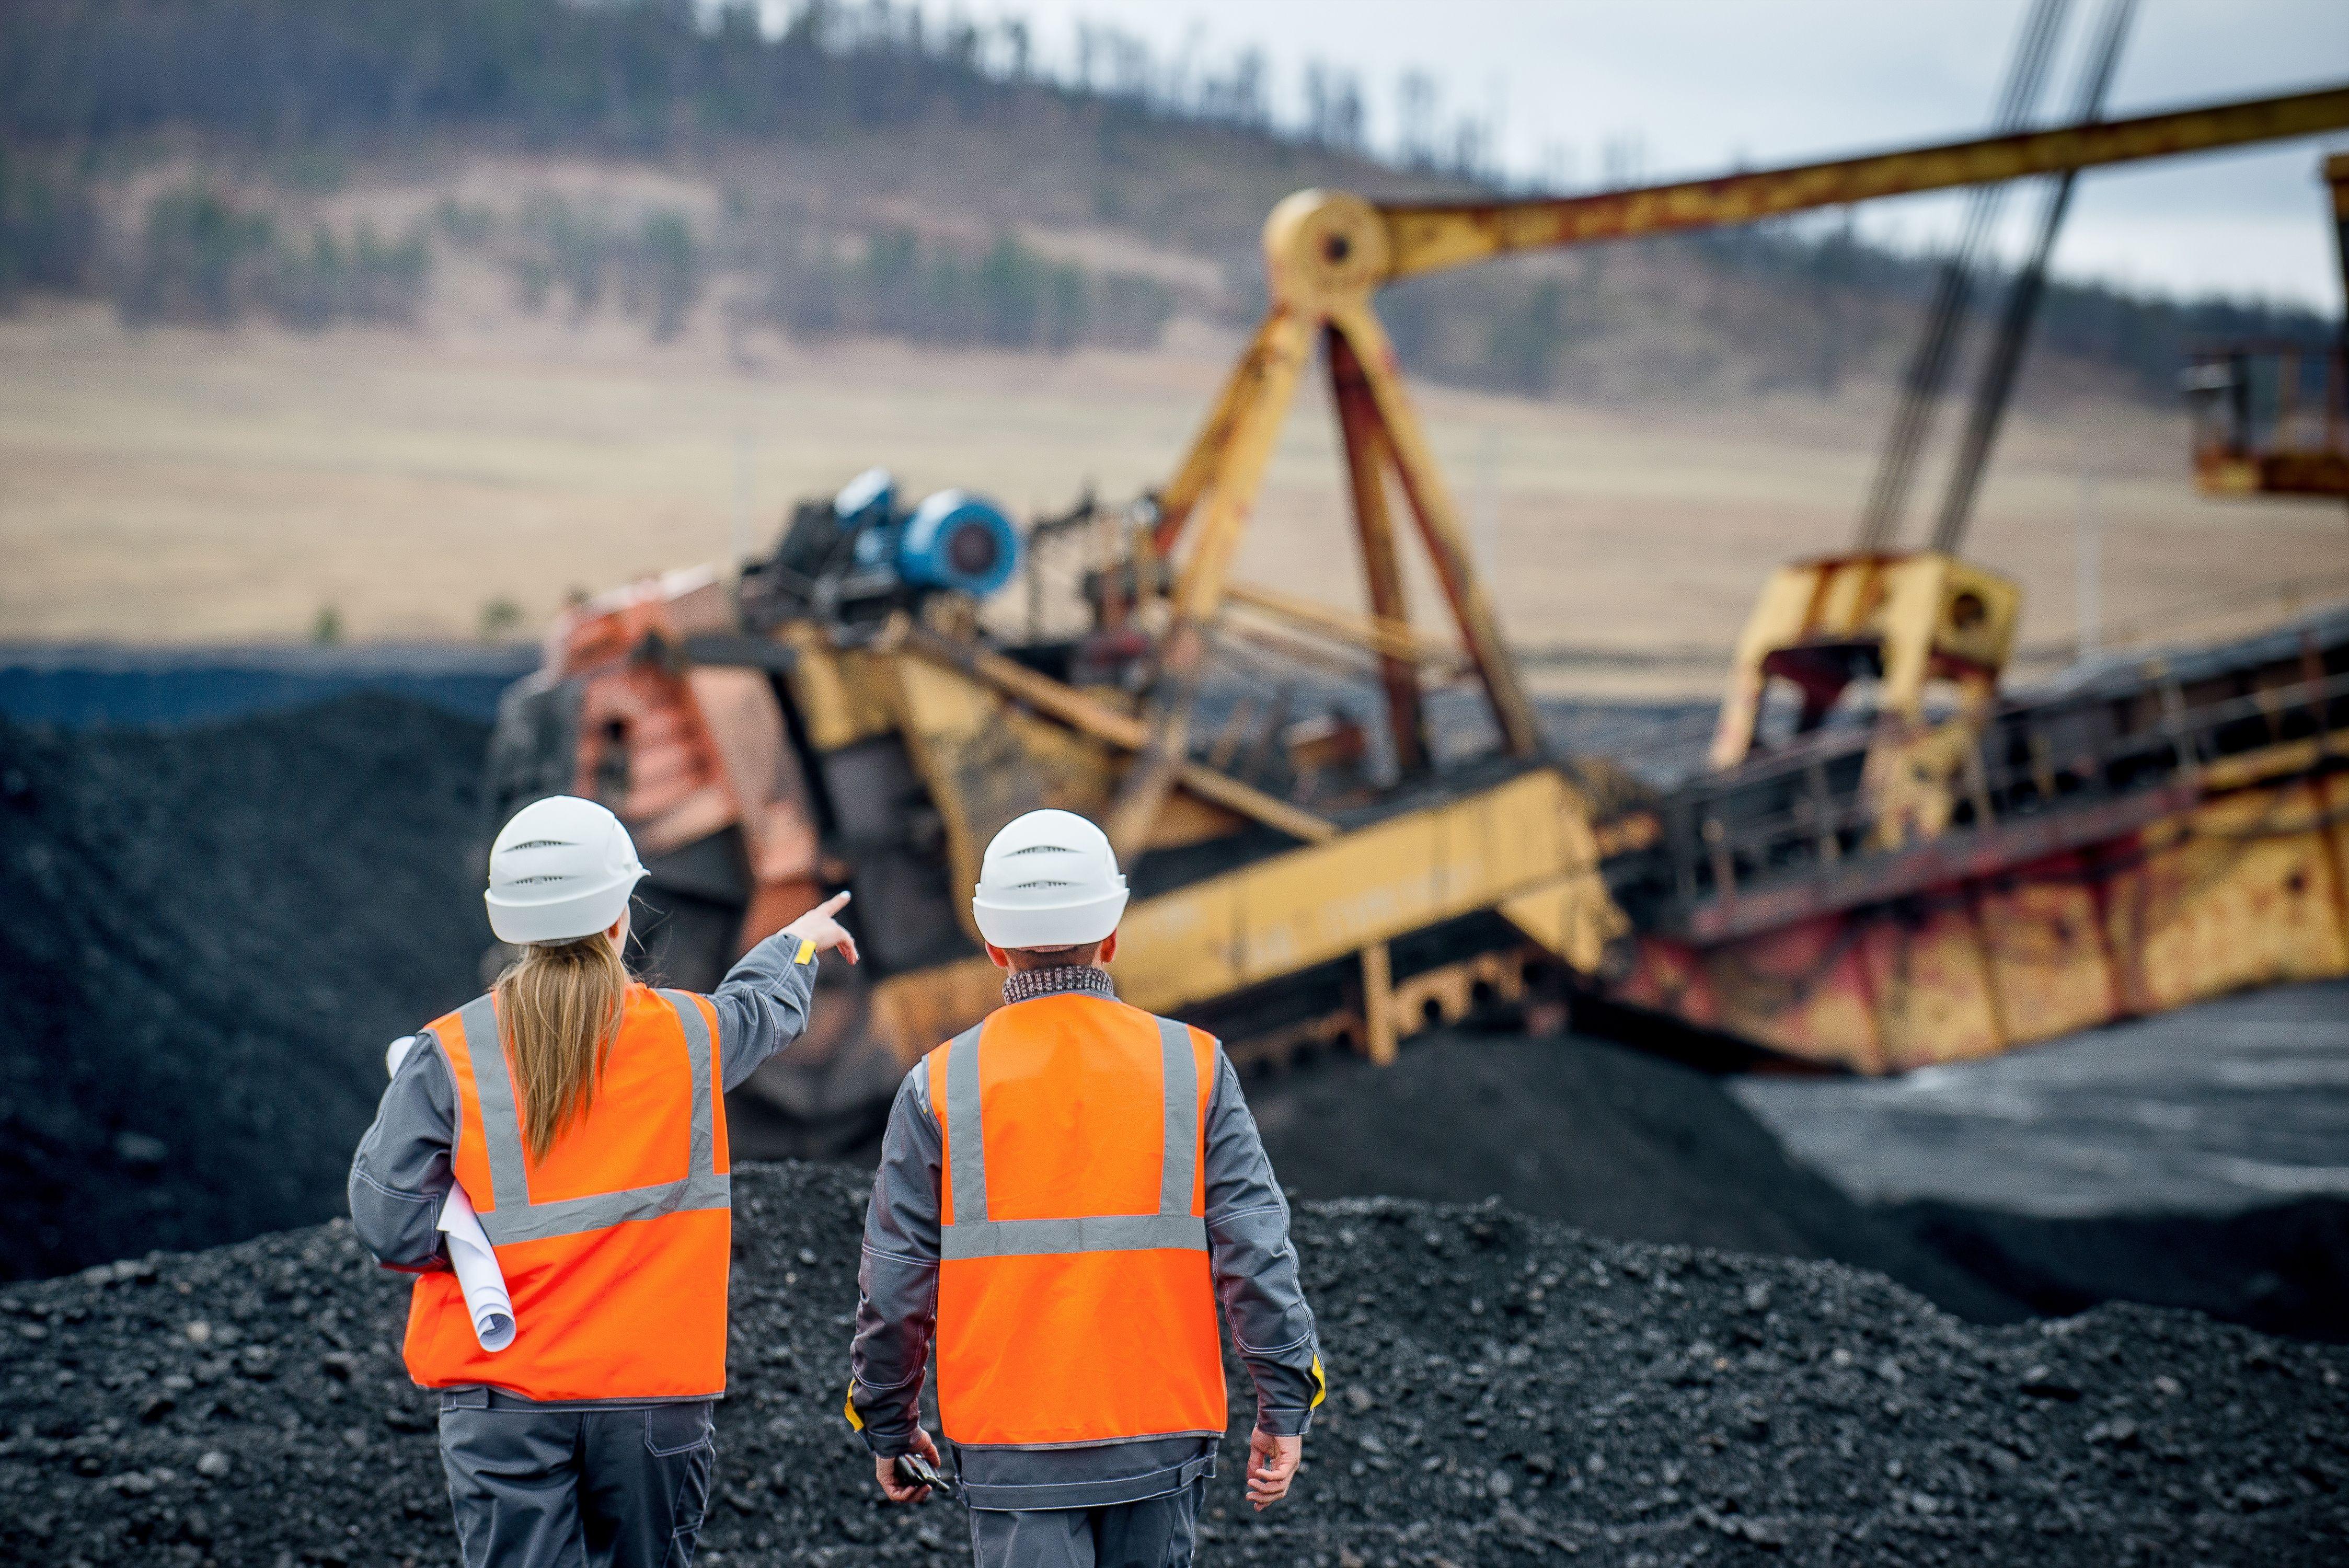 Con US$2,600 millones de inversiones en marcha, la minería puede hacer despegar economía dominicana rápidamente